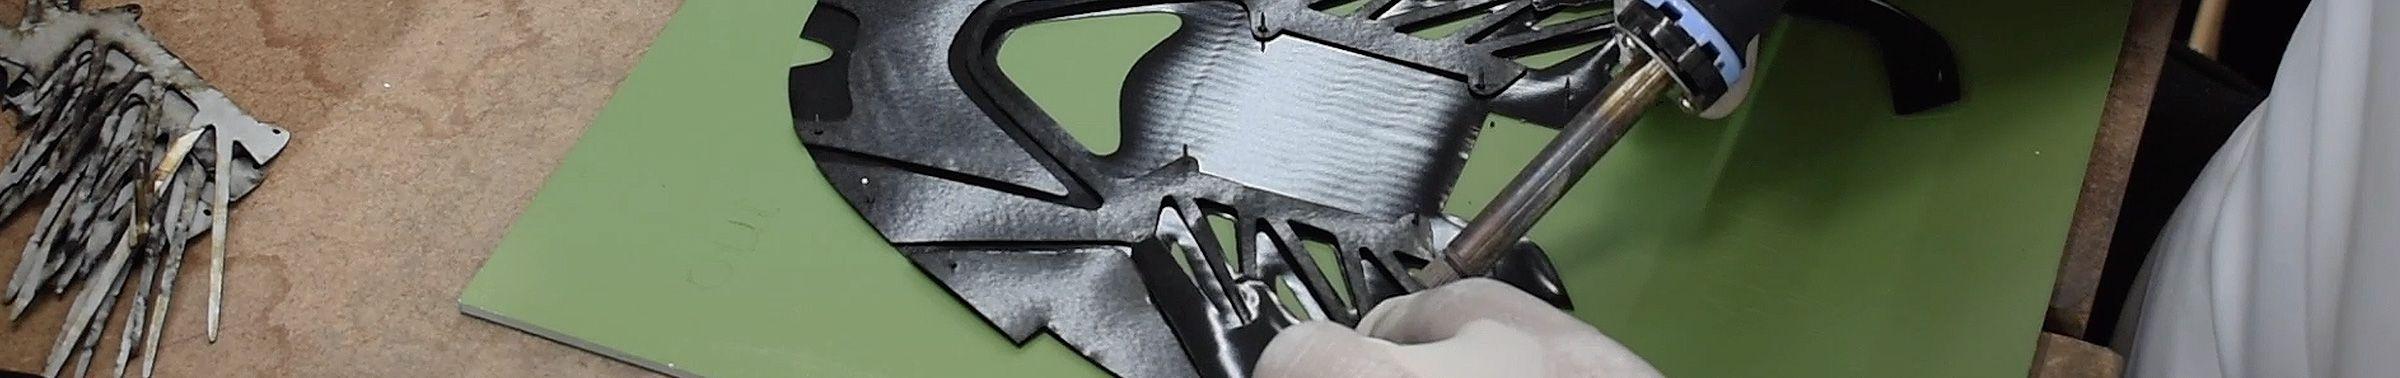 Rethinking Footwear - Manufacturing